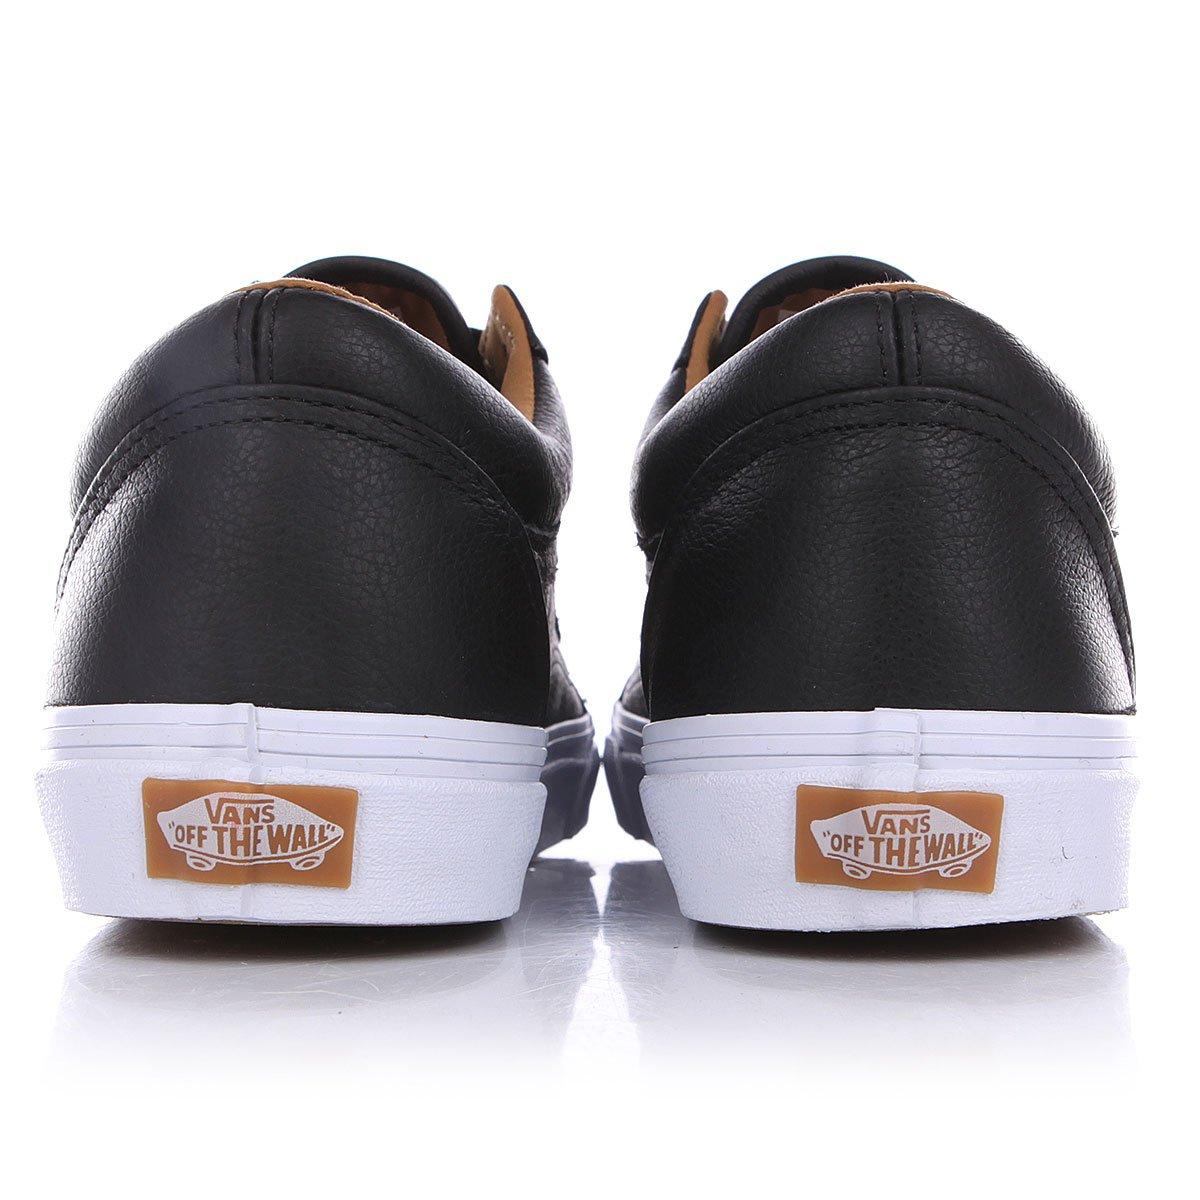 Купить кеды низкие Vans Old Skool True Black в интернет-магазине ... 08305c56a7e